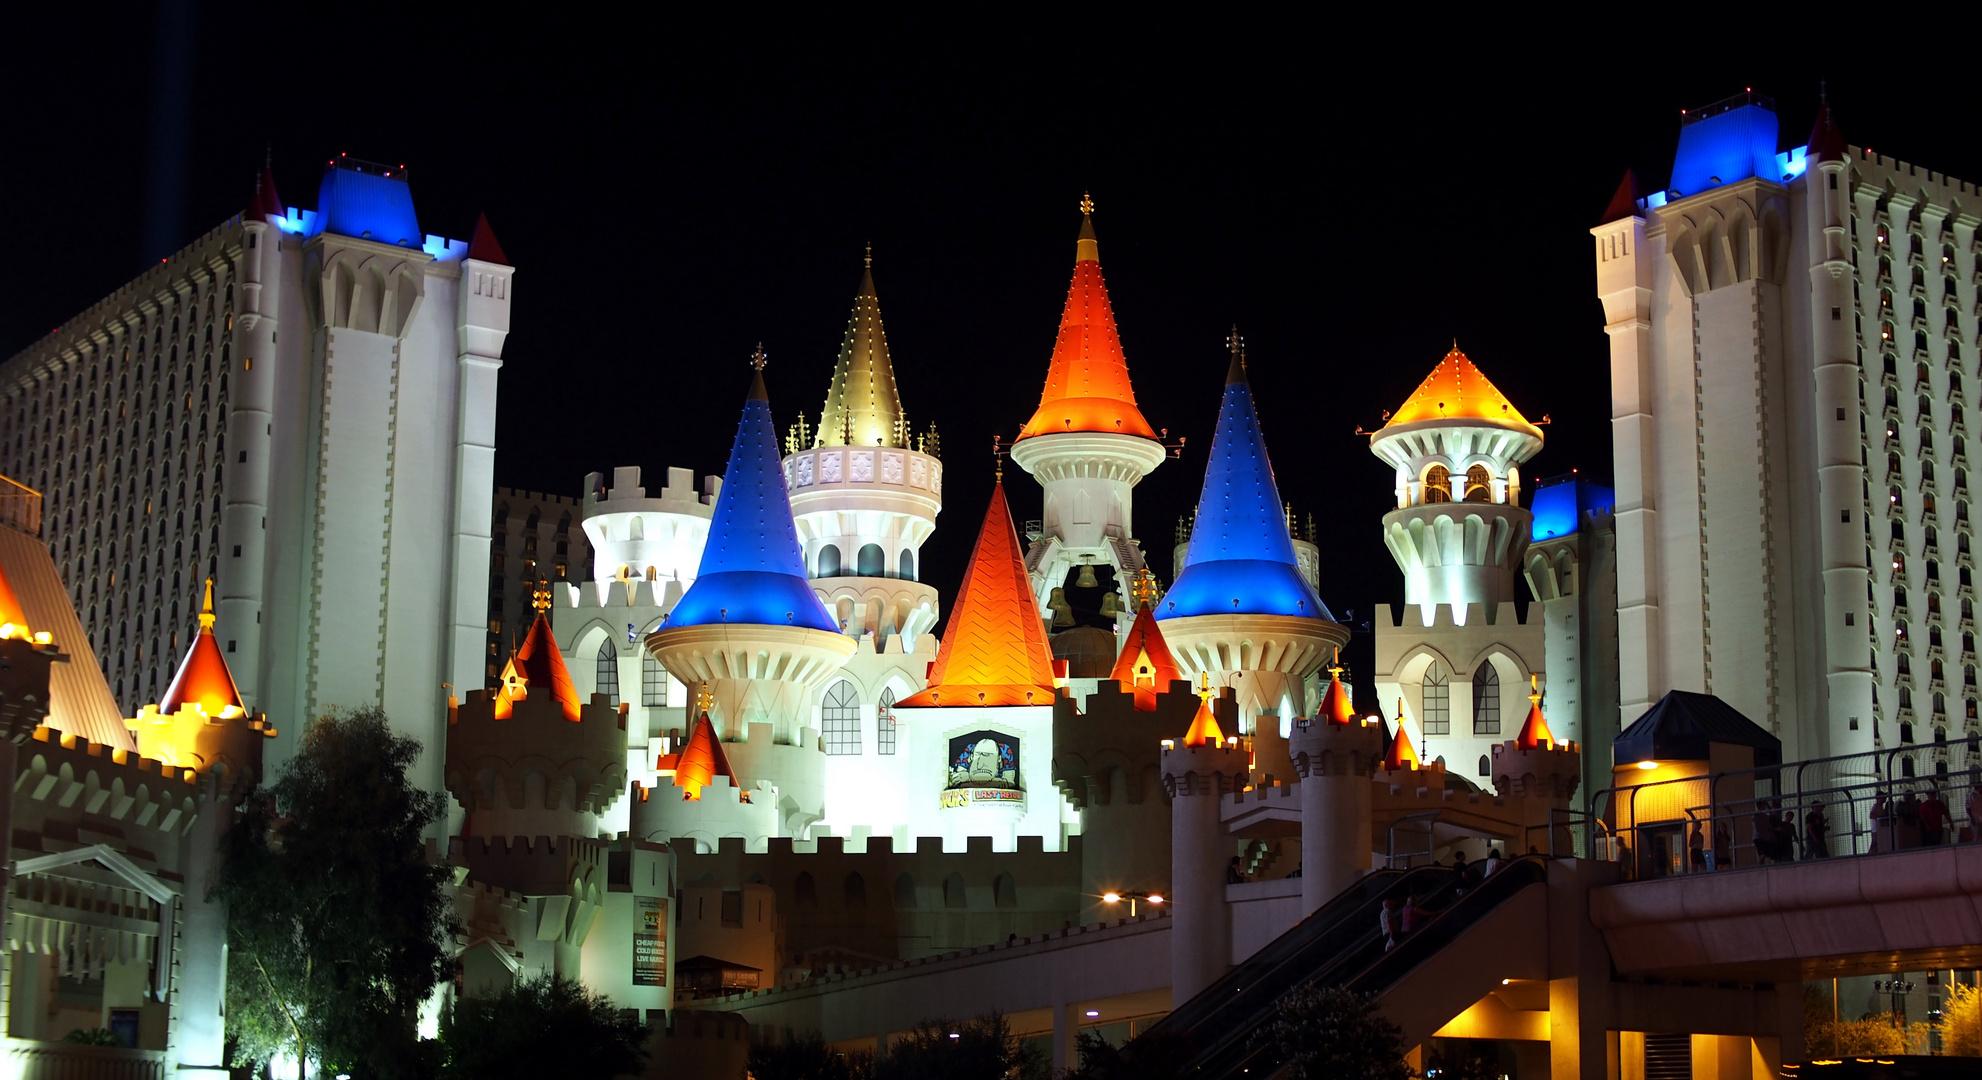 Las Vegas - Excalibur